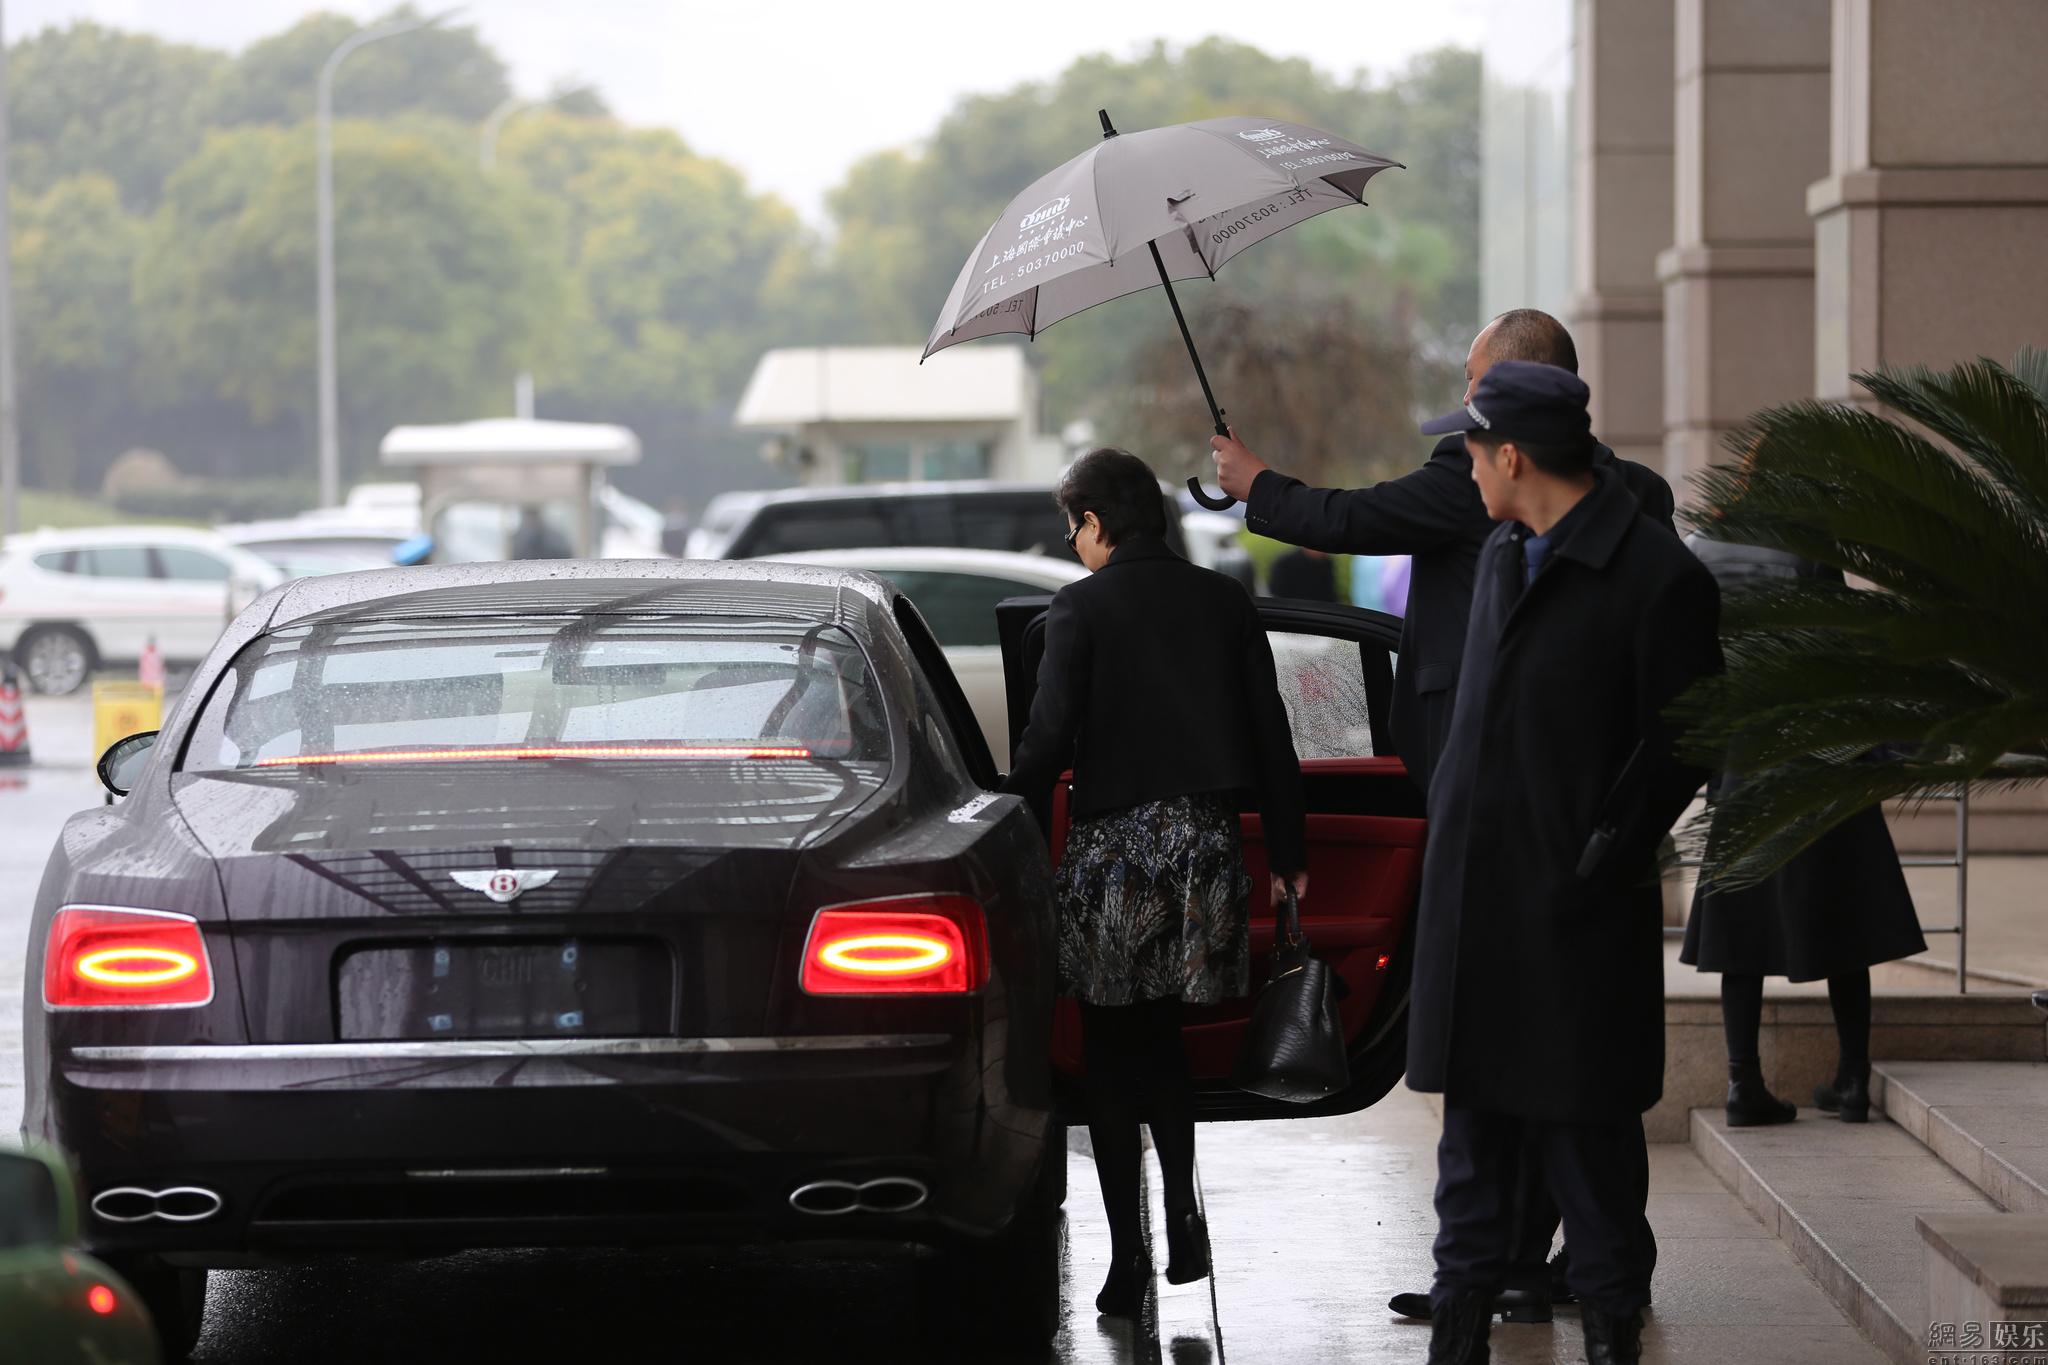 杨澜获高大保镖撑伞避雨上宾利车